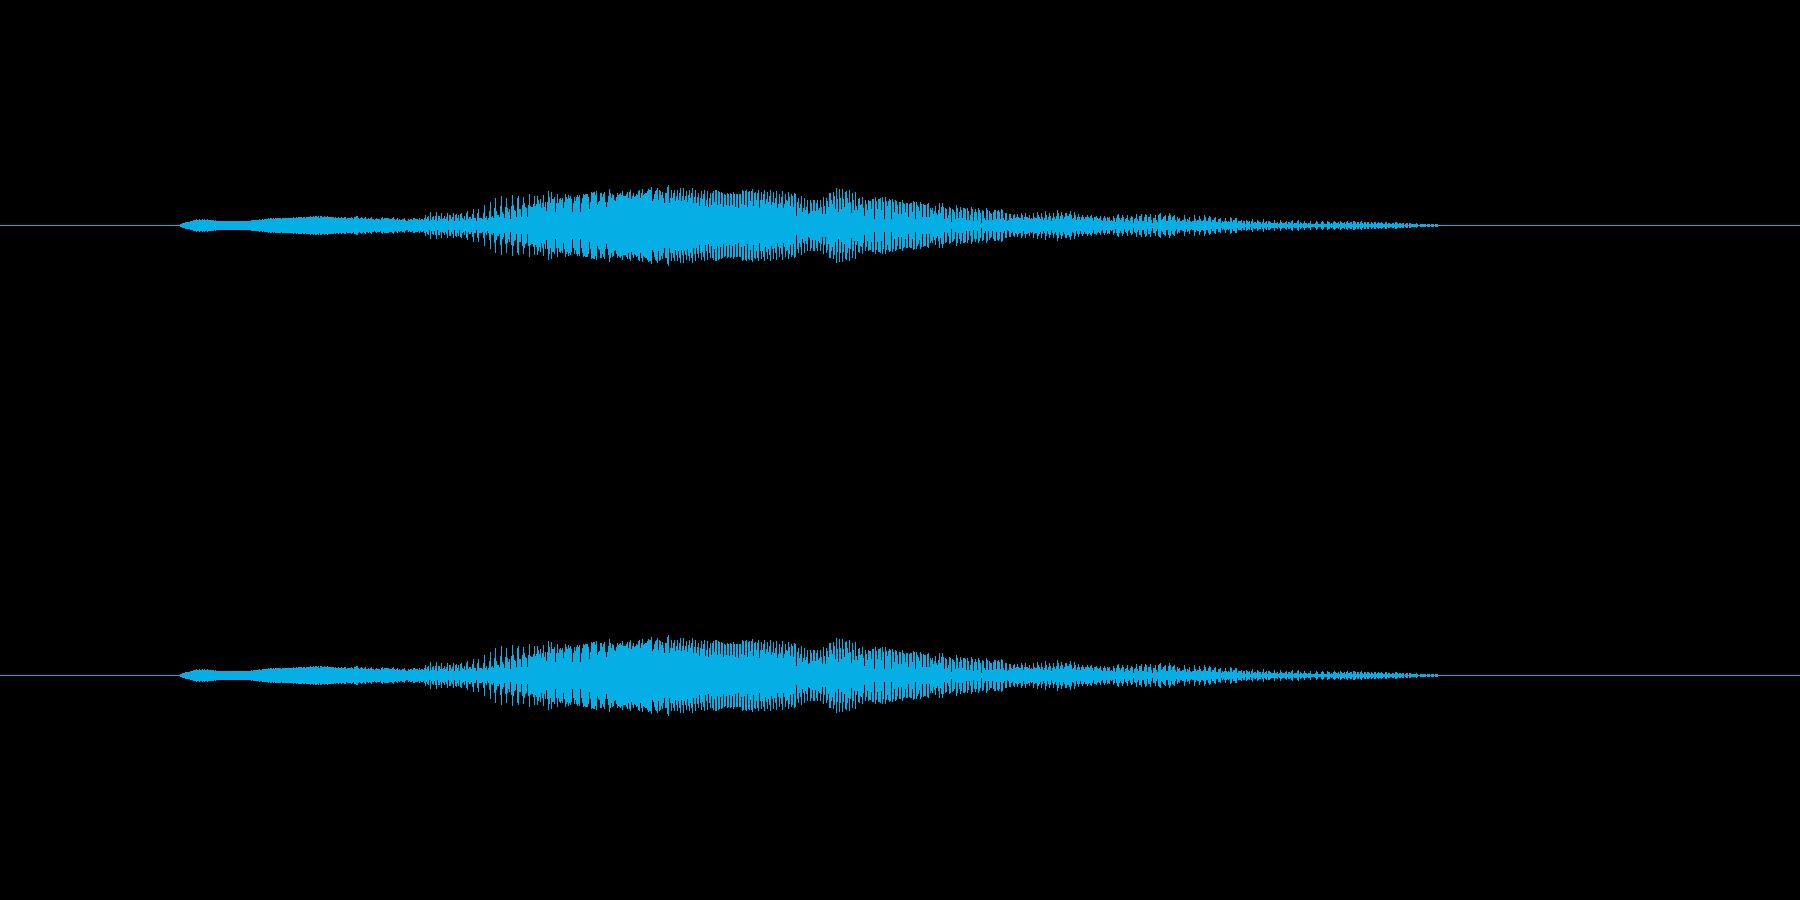 ニャー_猫声-15の再生済みの波形